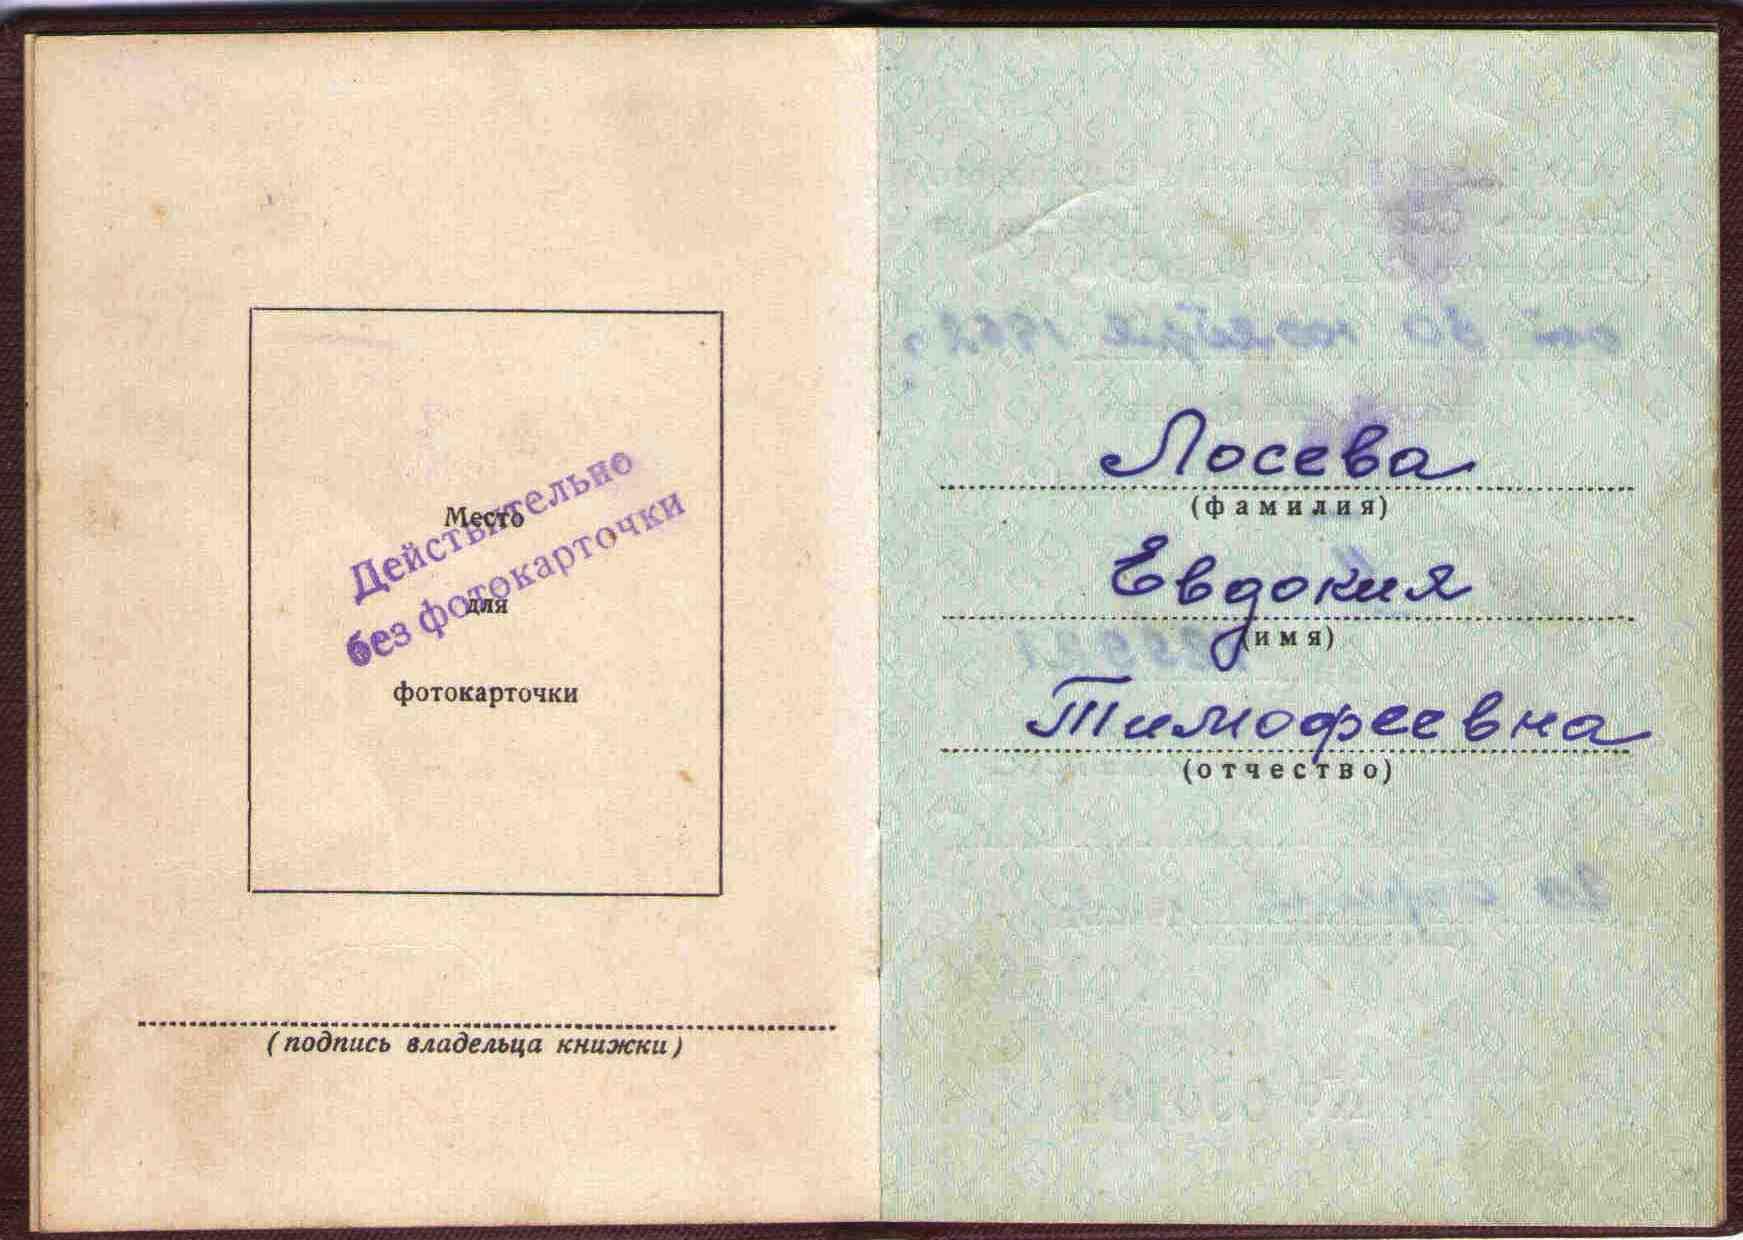 24. Орденская книжка 2 степени, 1963